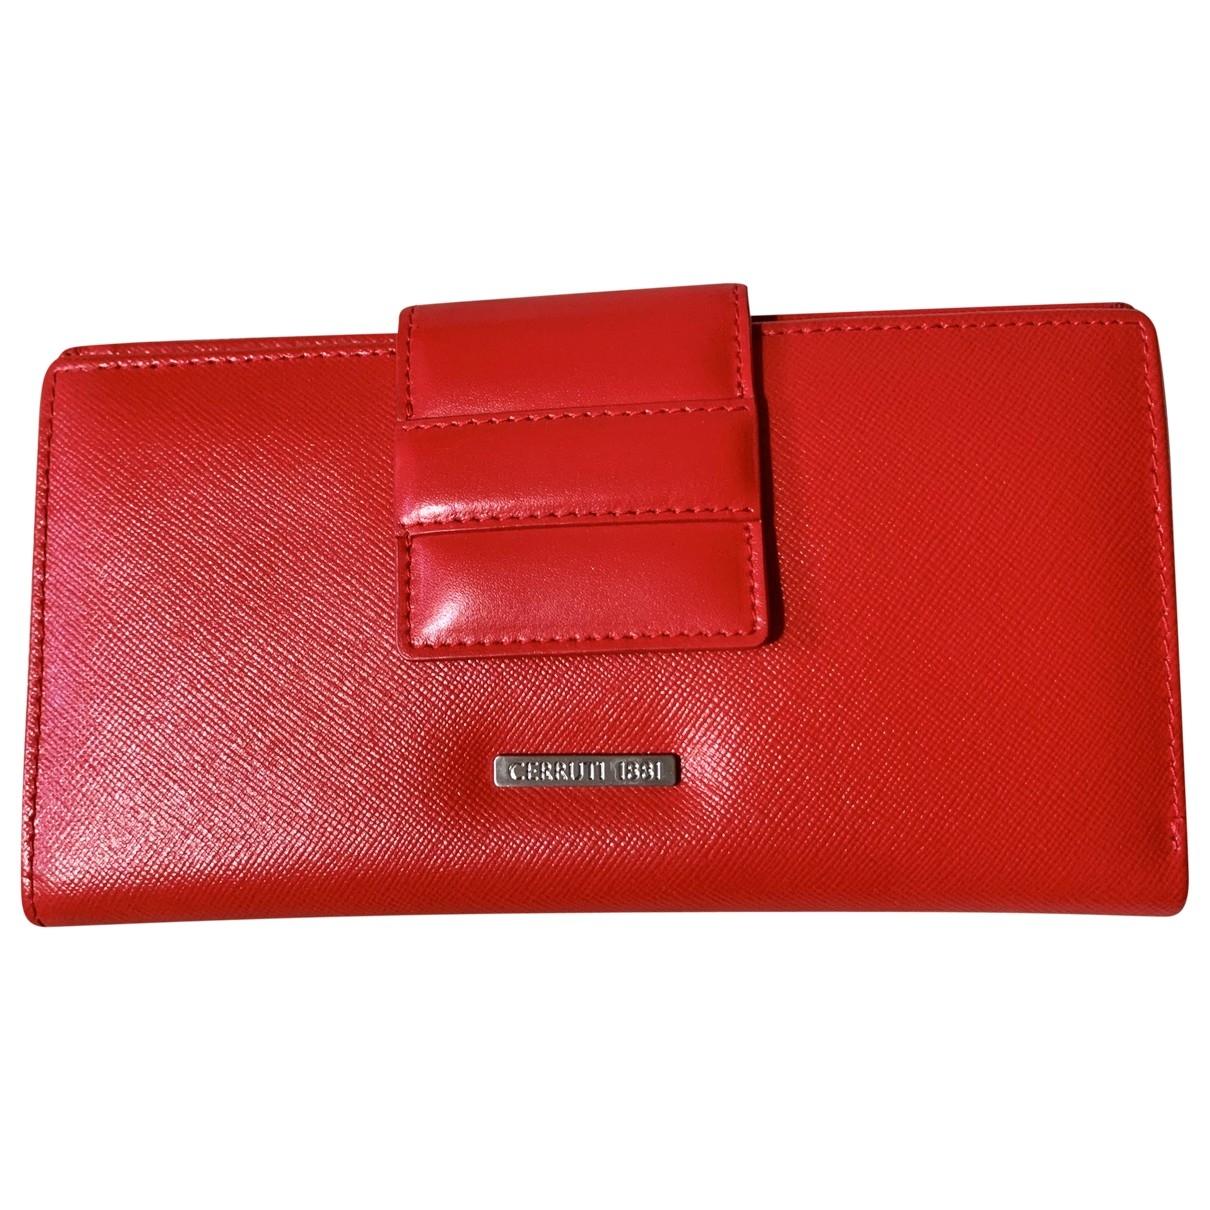 Cerruti \N Red Leather wallet for Women \N